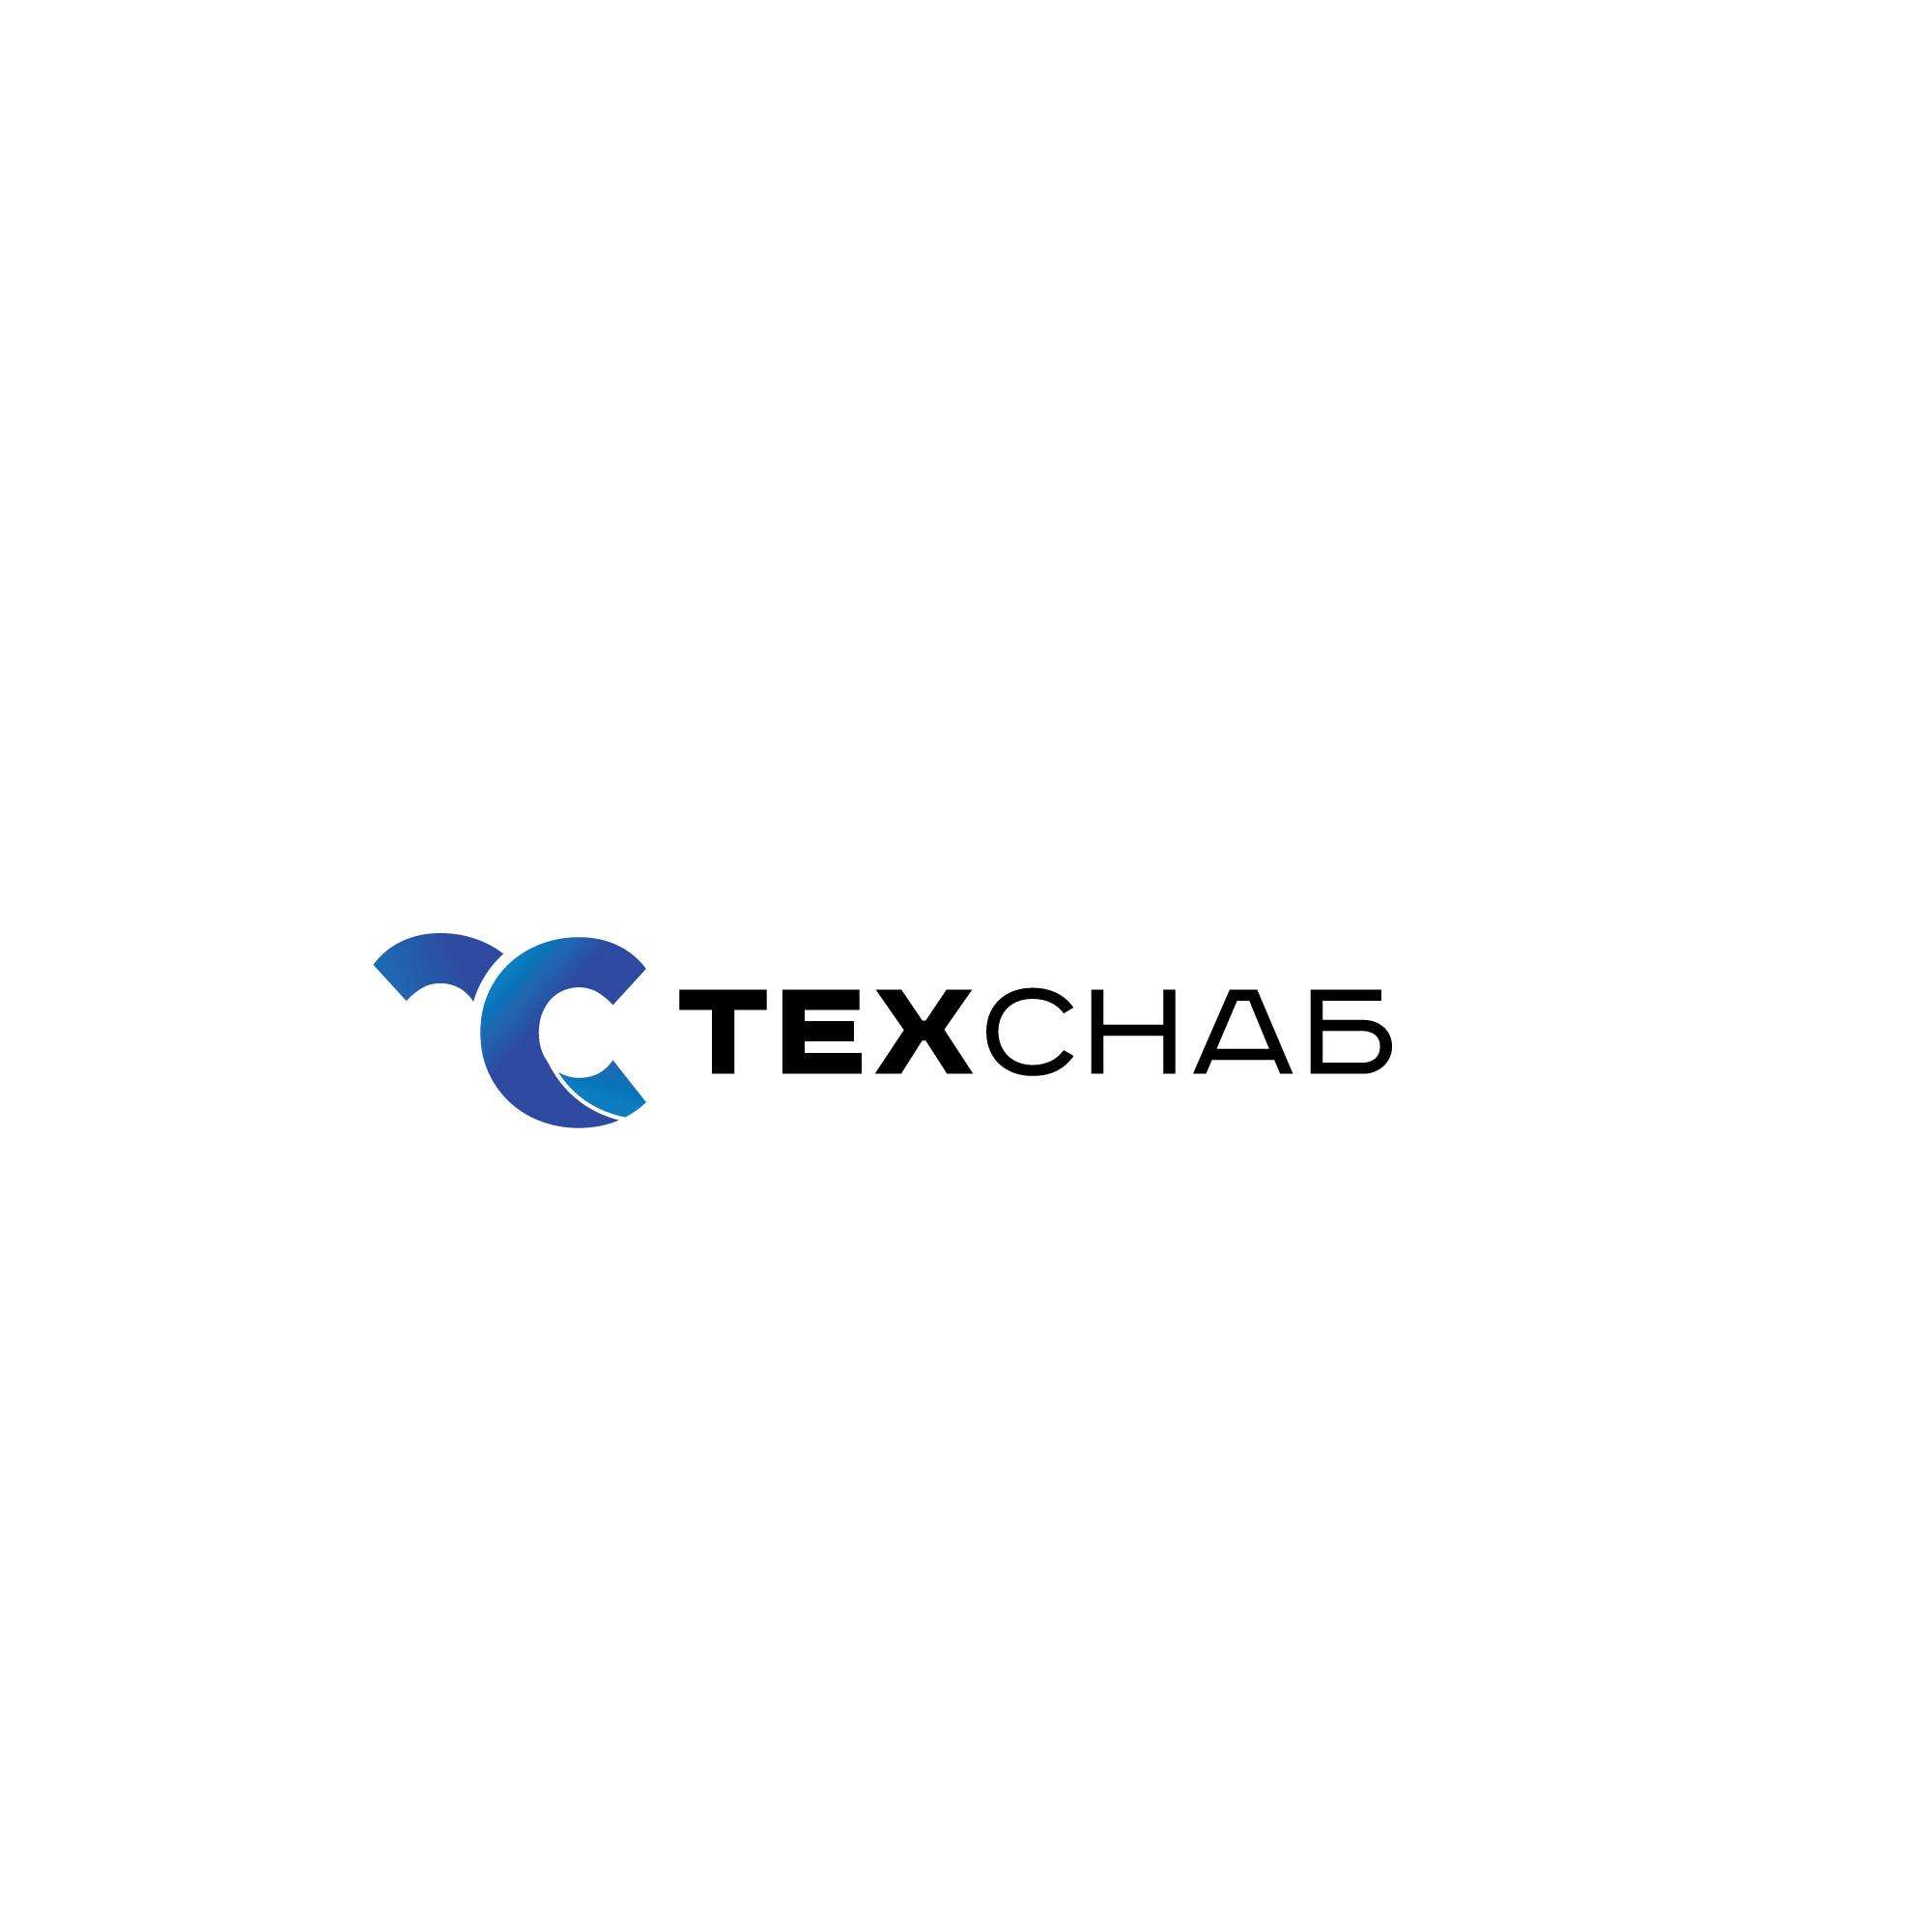 Разработка логотипа и фирм. стиля компании  ТЕХСНАБ фото f_5155b1eb09956d6a.jpg